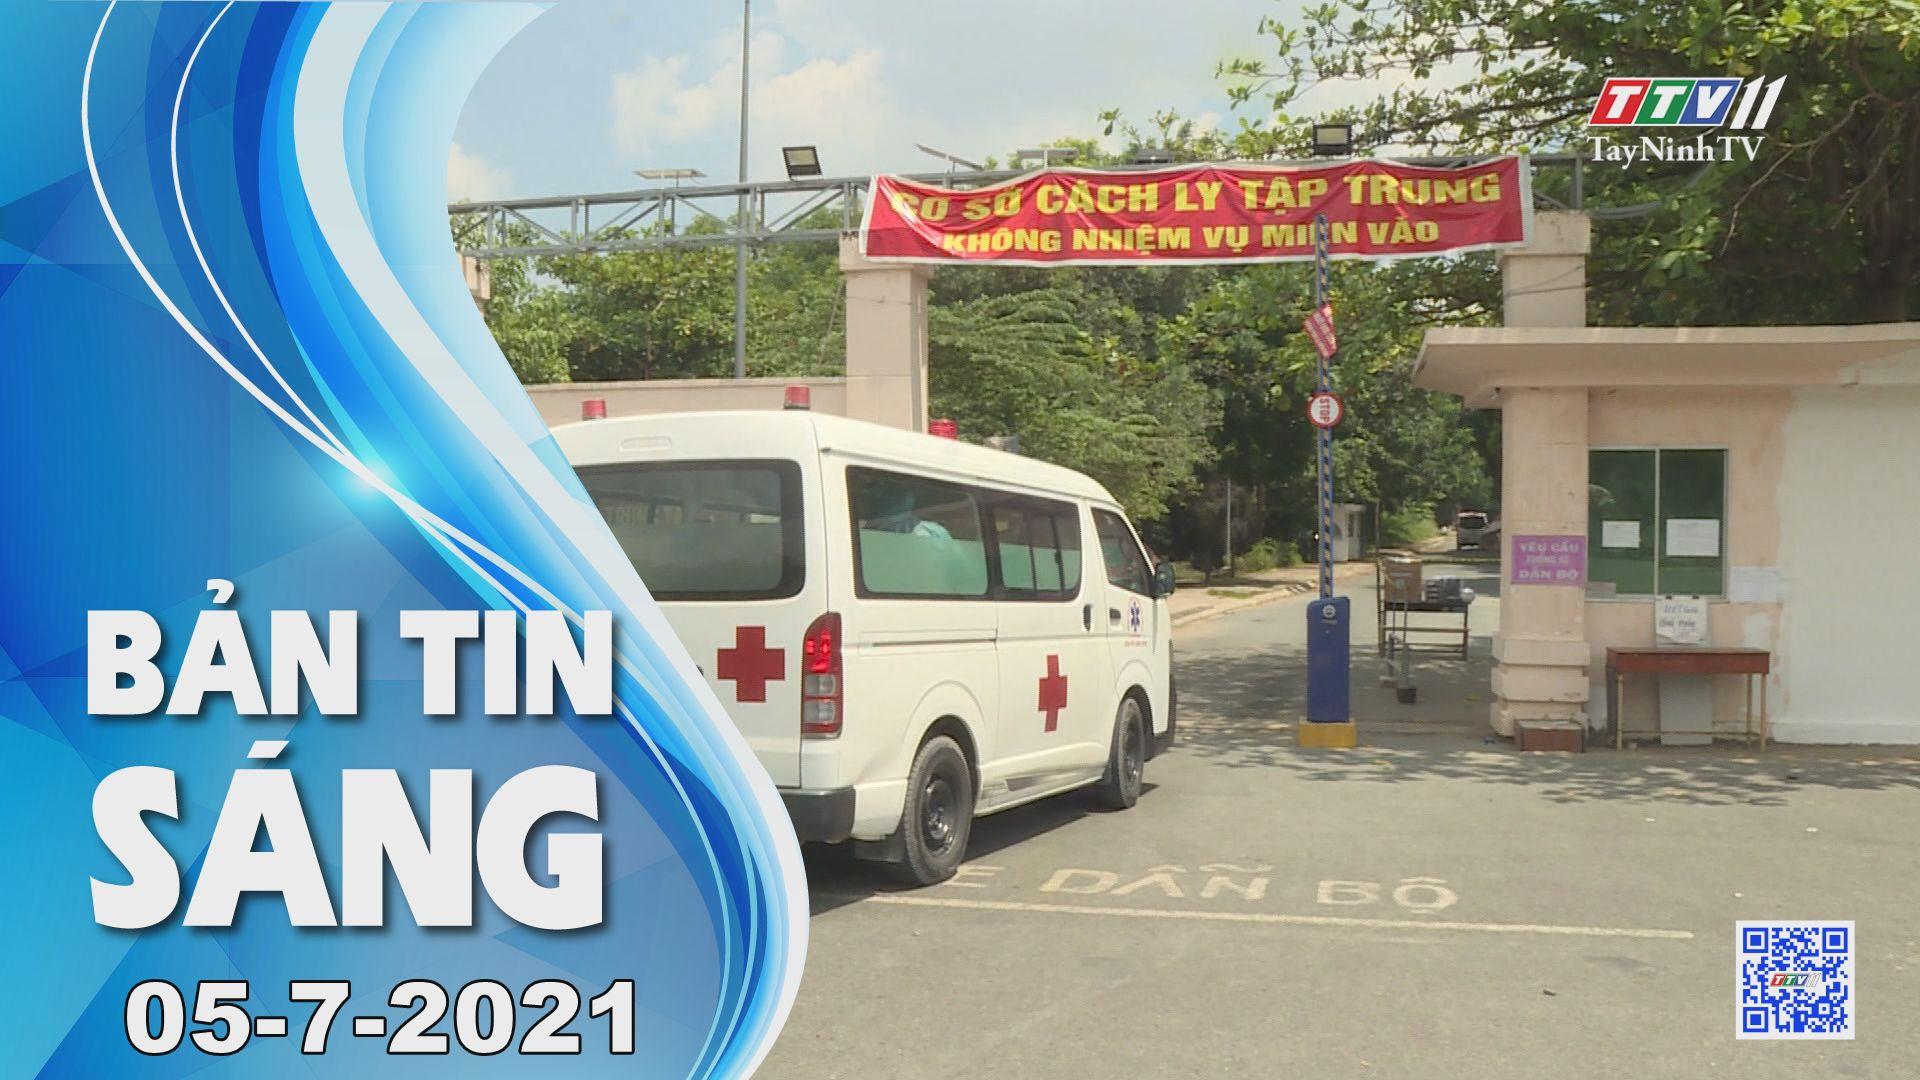 Bản tin sáng 05-7-2021 | Tin tức hôm nay | TayNinhTV